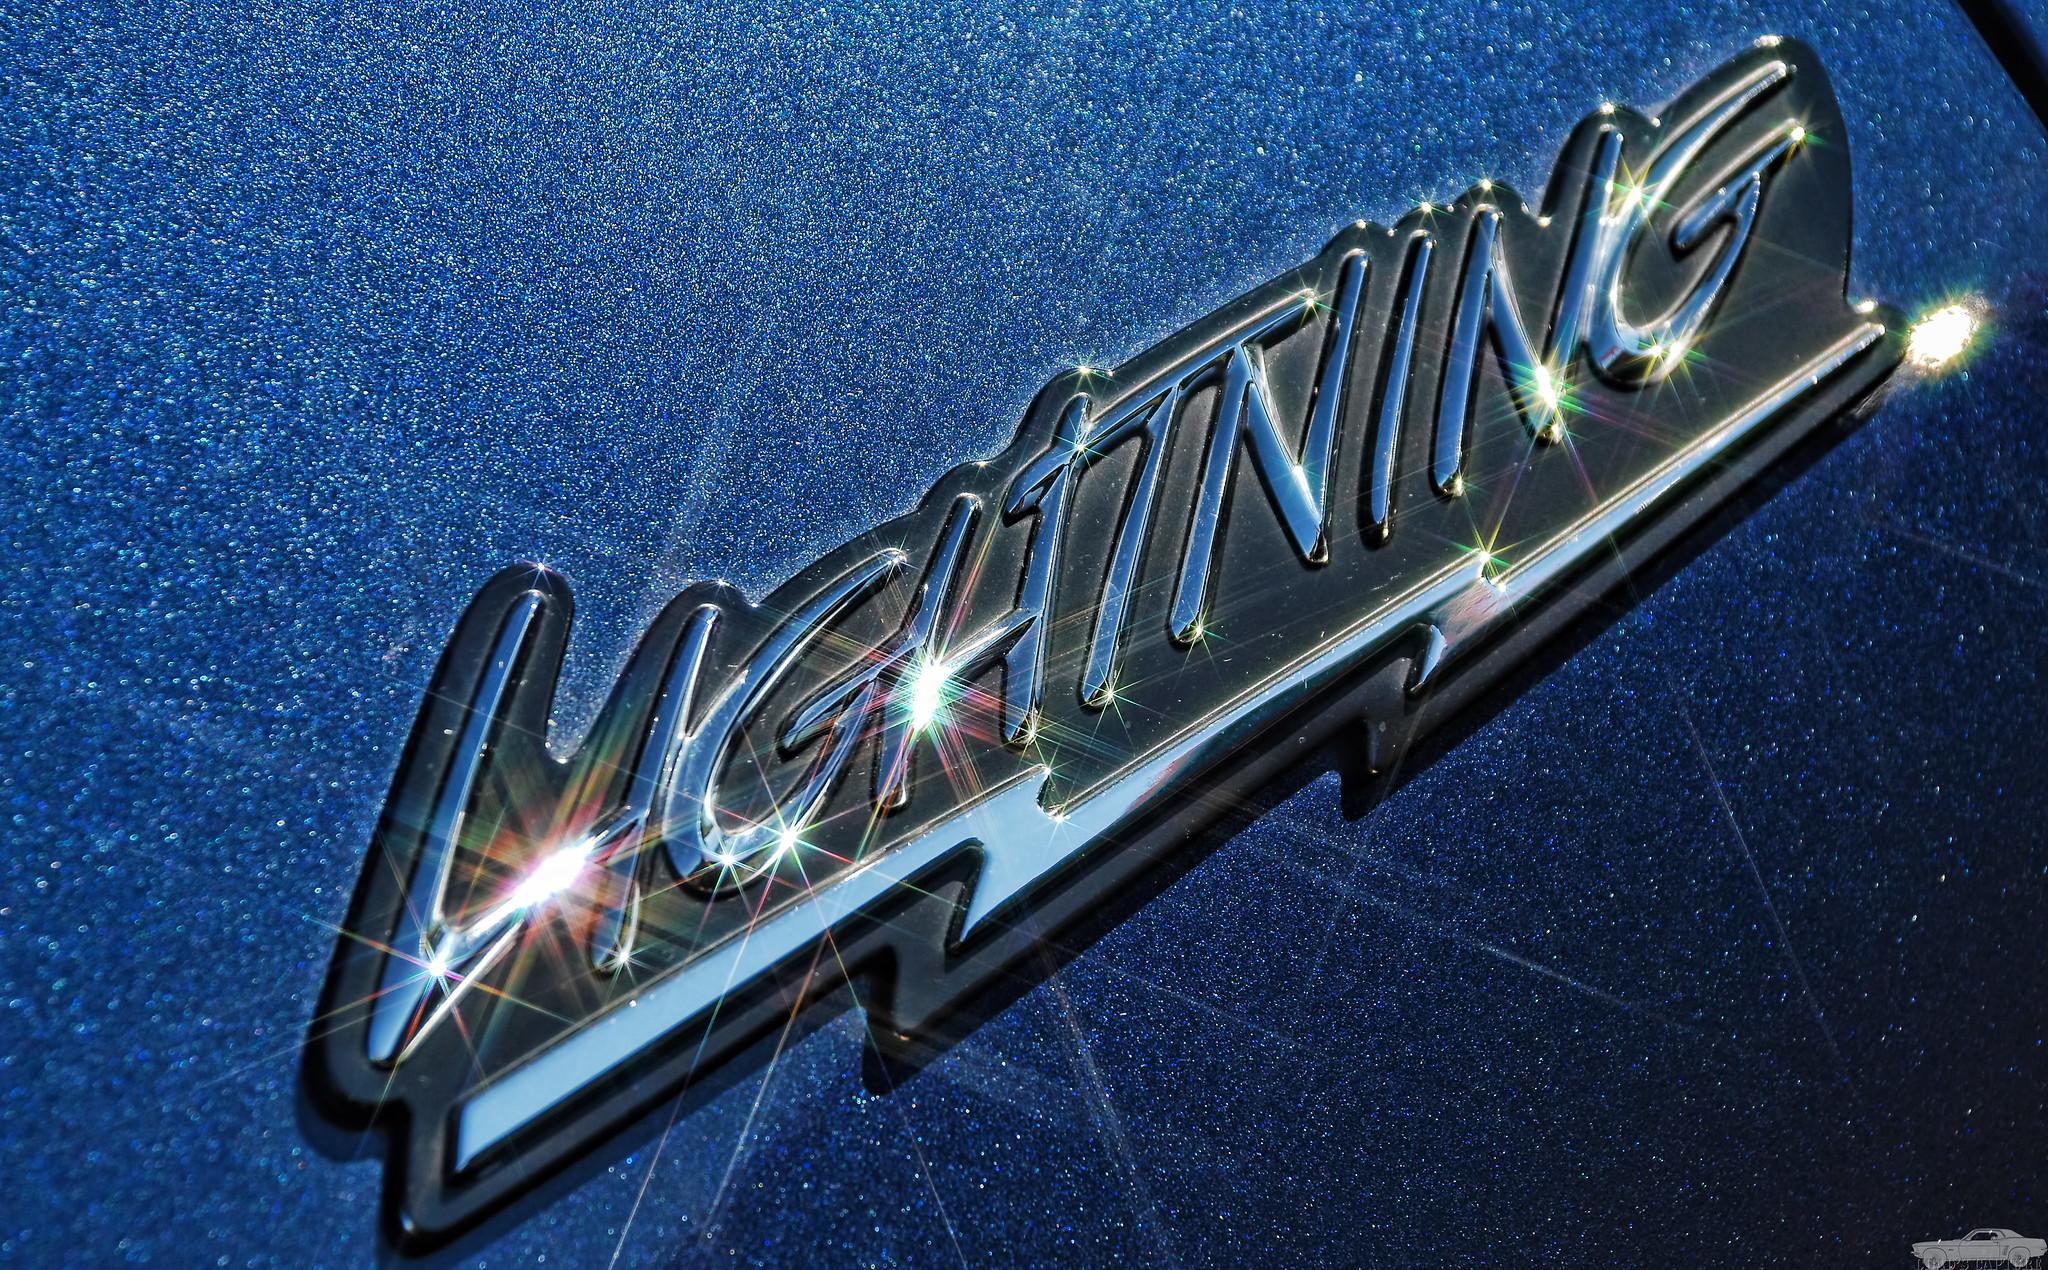 2002 Ford SVT Lightning Badge